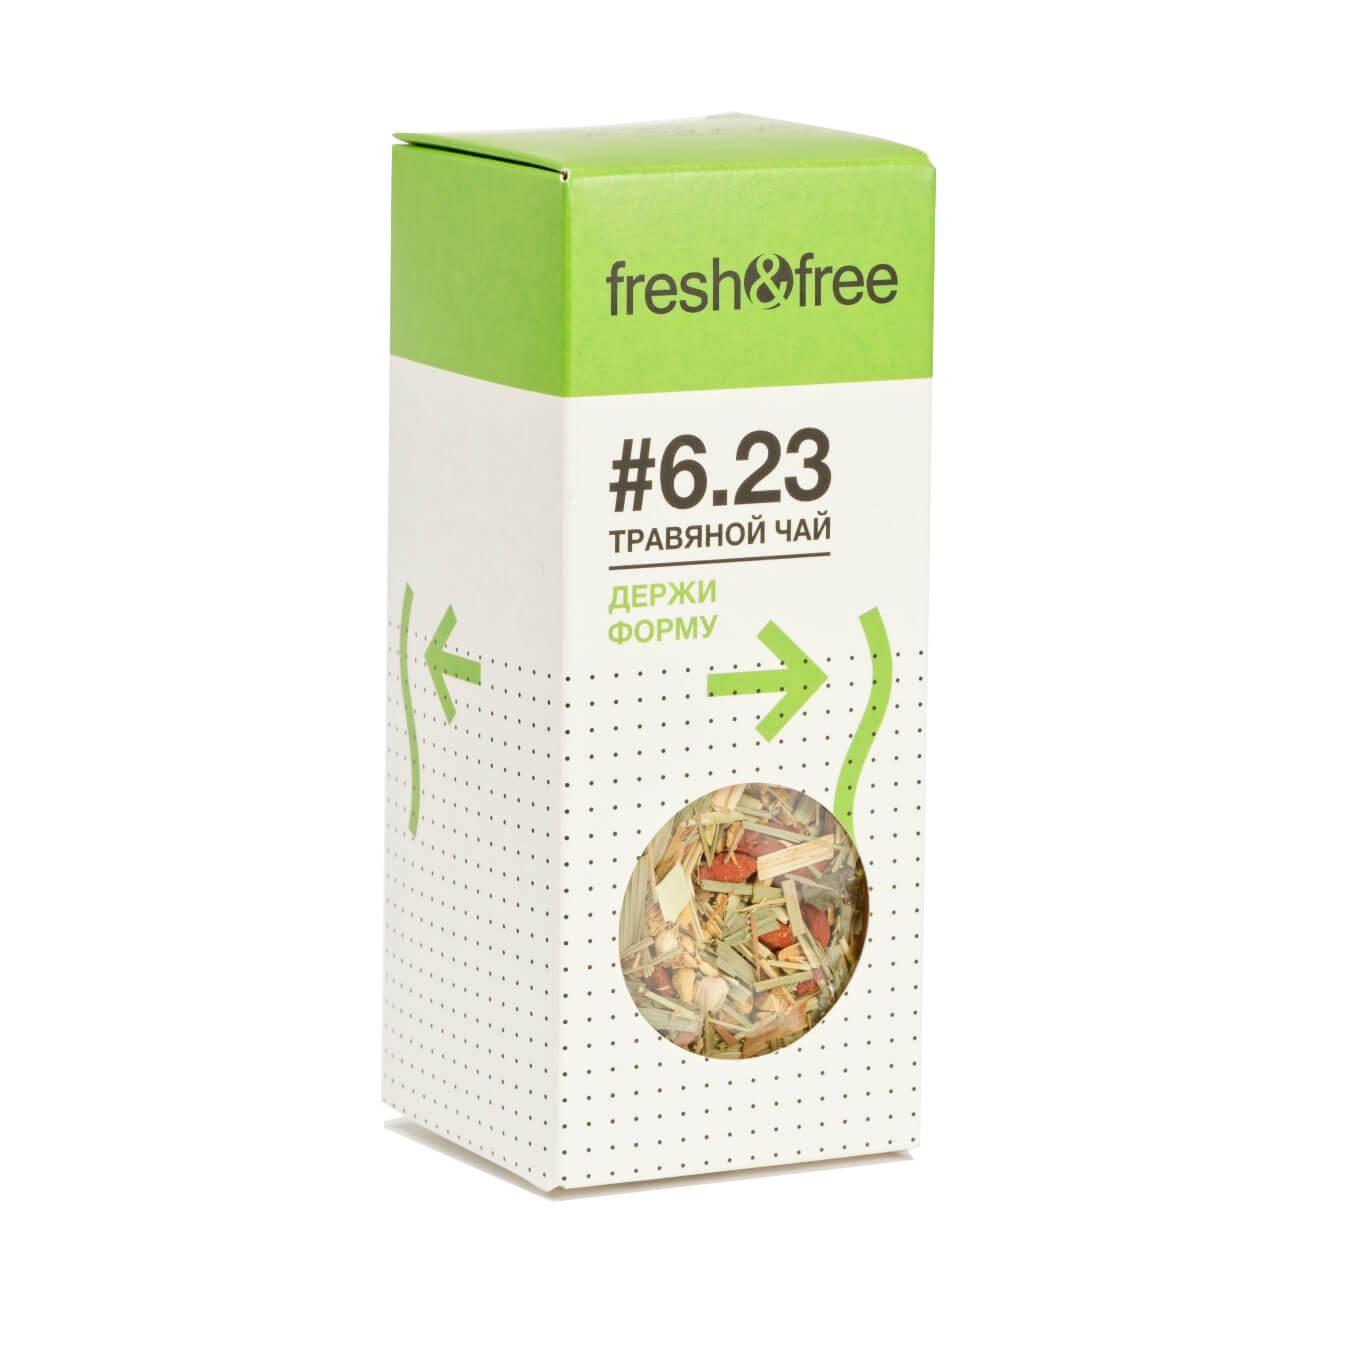 цена на Чай листовой фреш энд фри травяной ДЕРЖИ ФОРМУ - фрукты+травы